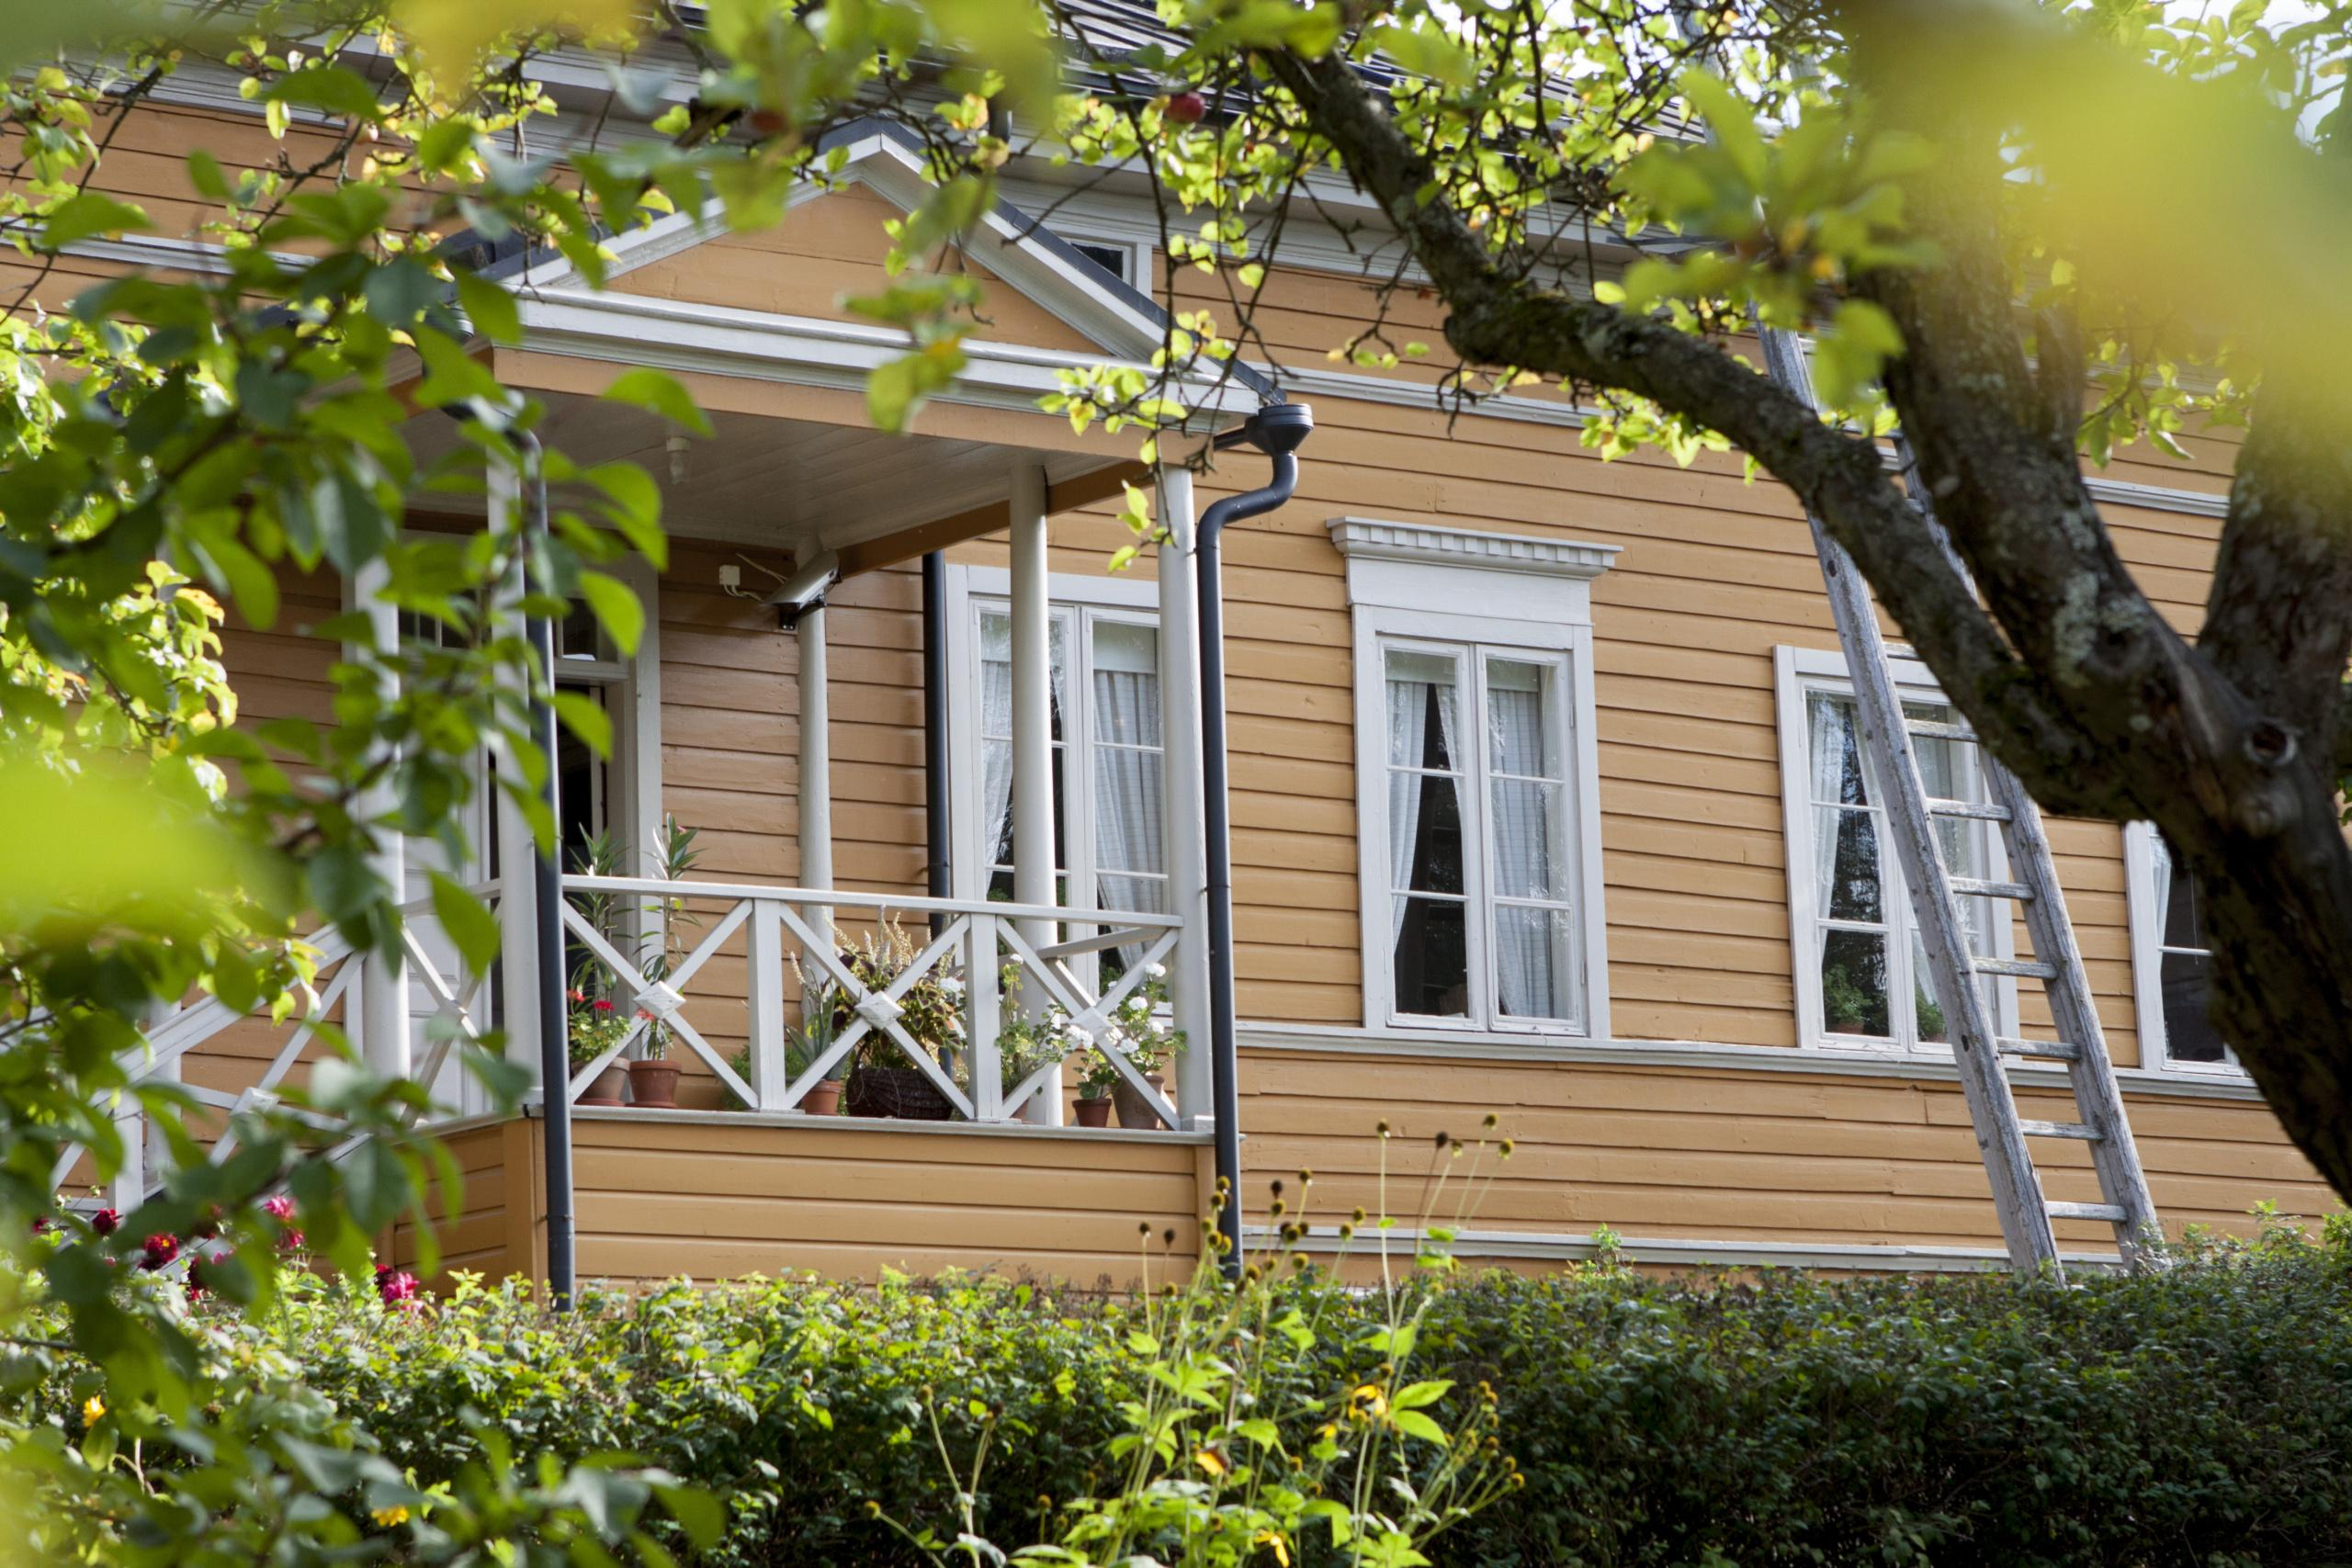 https://kansallisetkaupunkipuistot.fi/wp-content/uploads/2020/05/Runeberginkoti_Matilda-Isohella_Porvoo-scaled.jpg